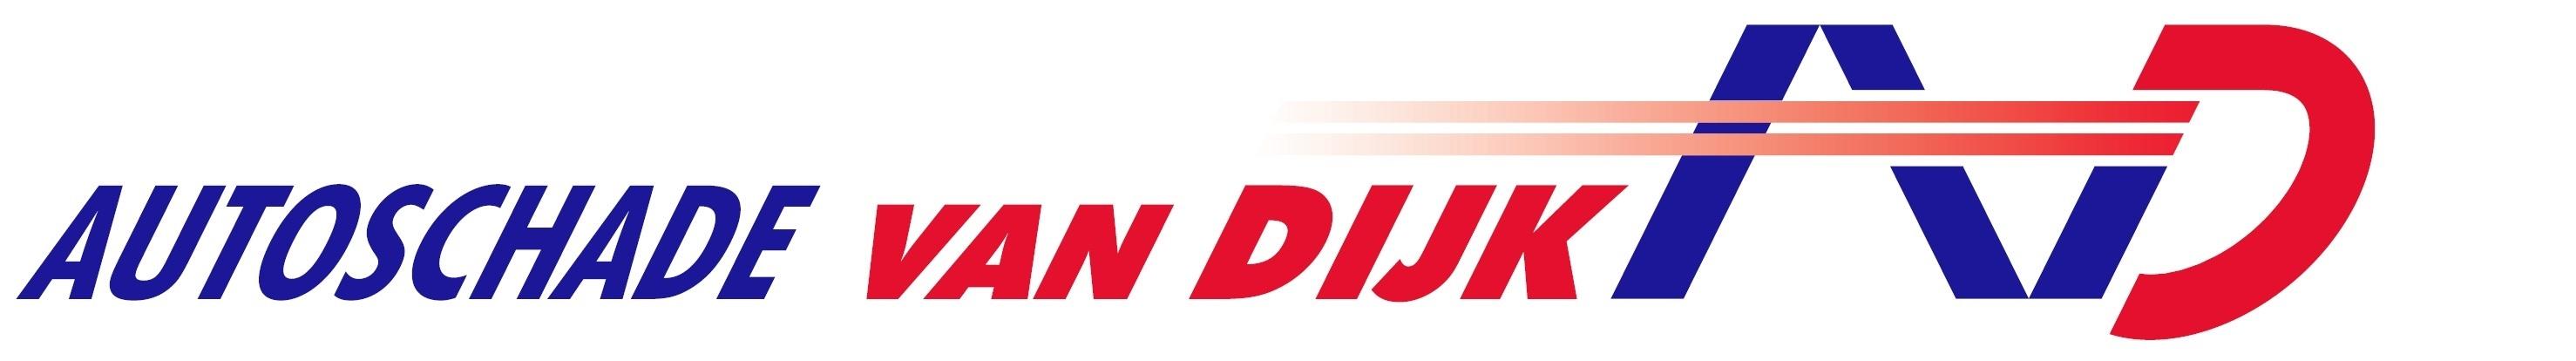 Autoschade Van Dijk